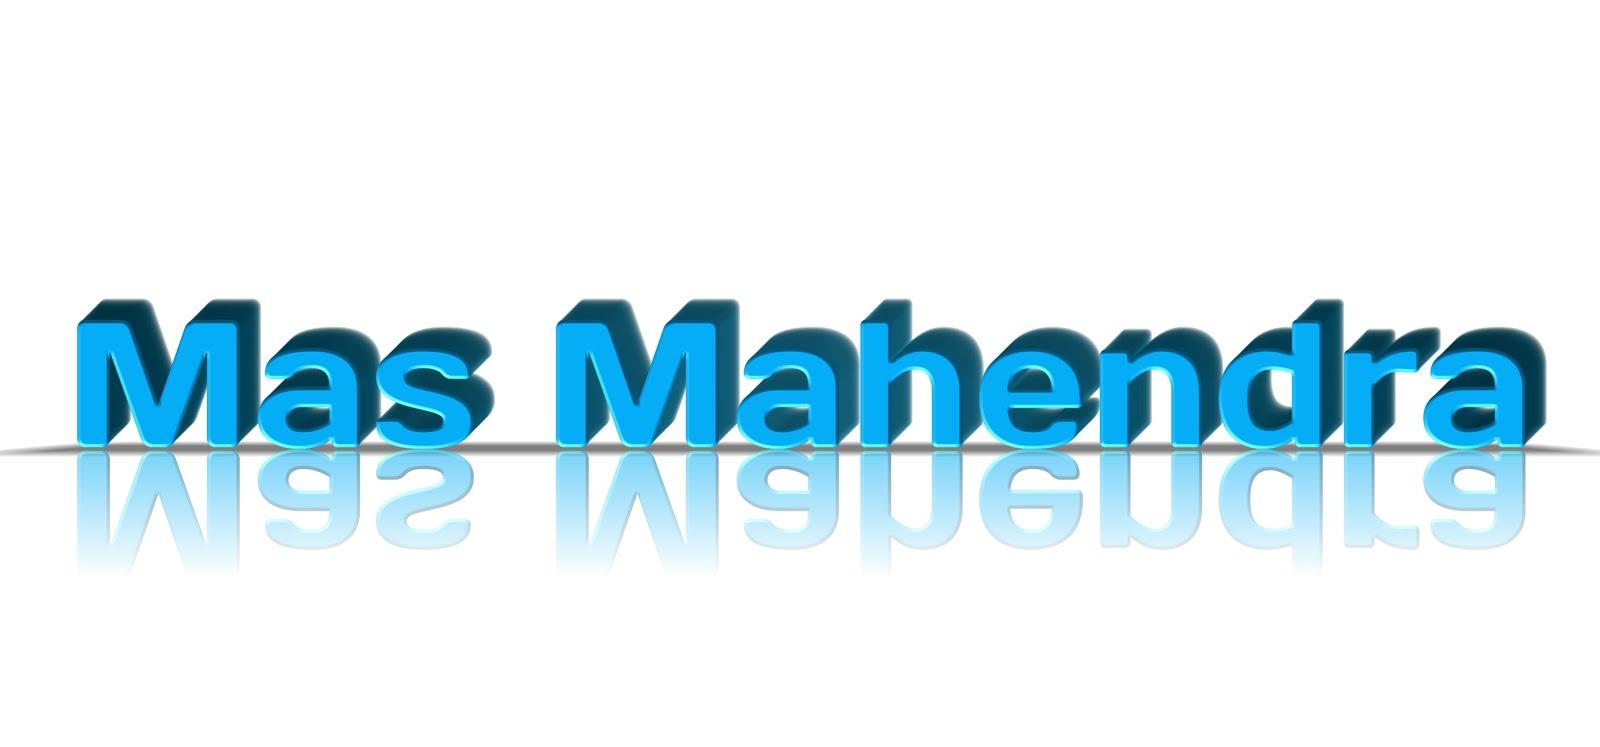 Mas Mahendra